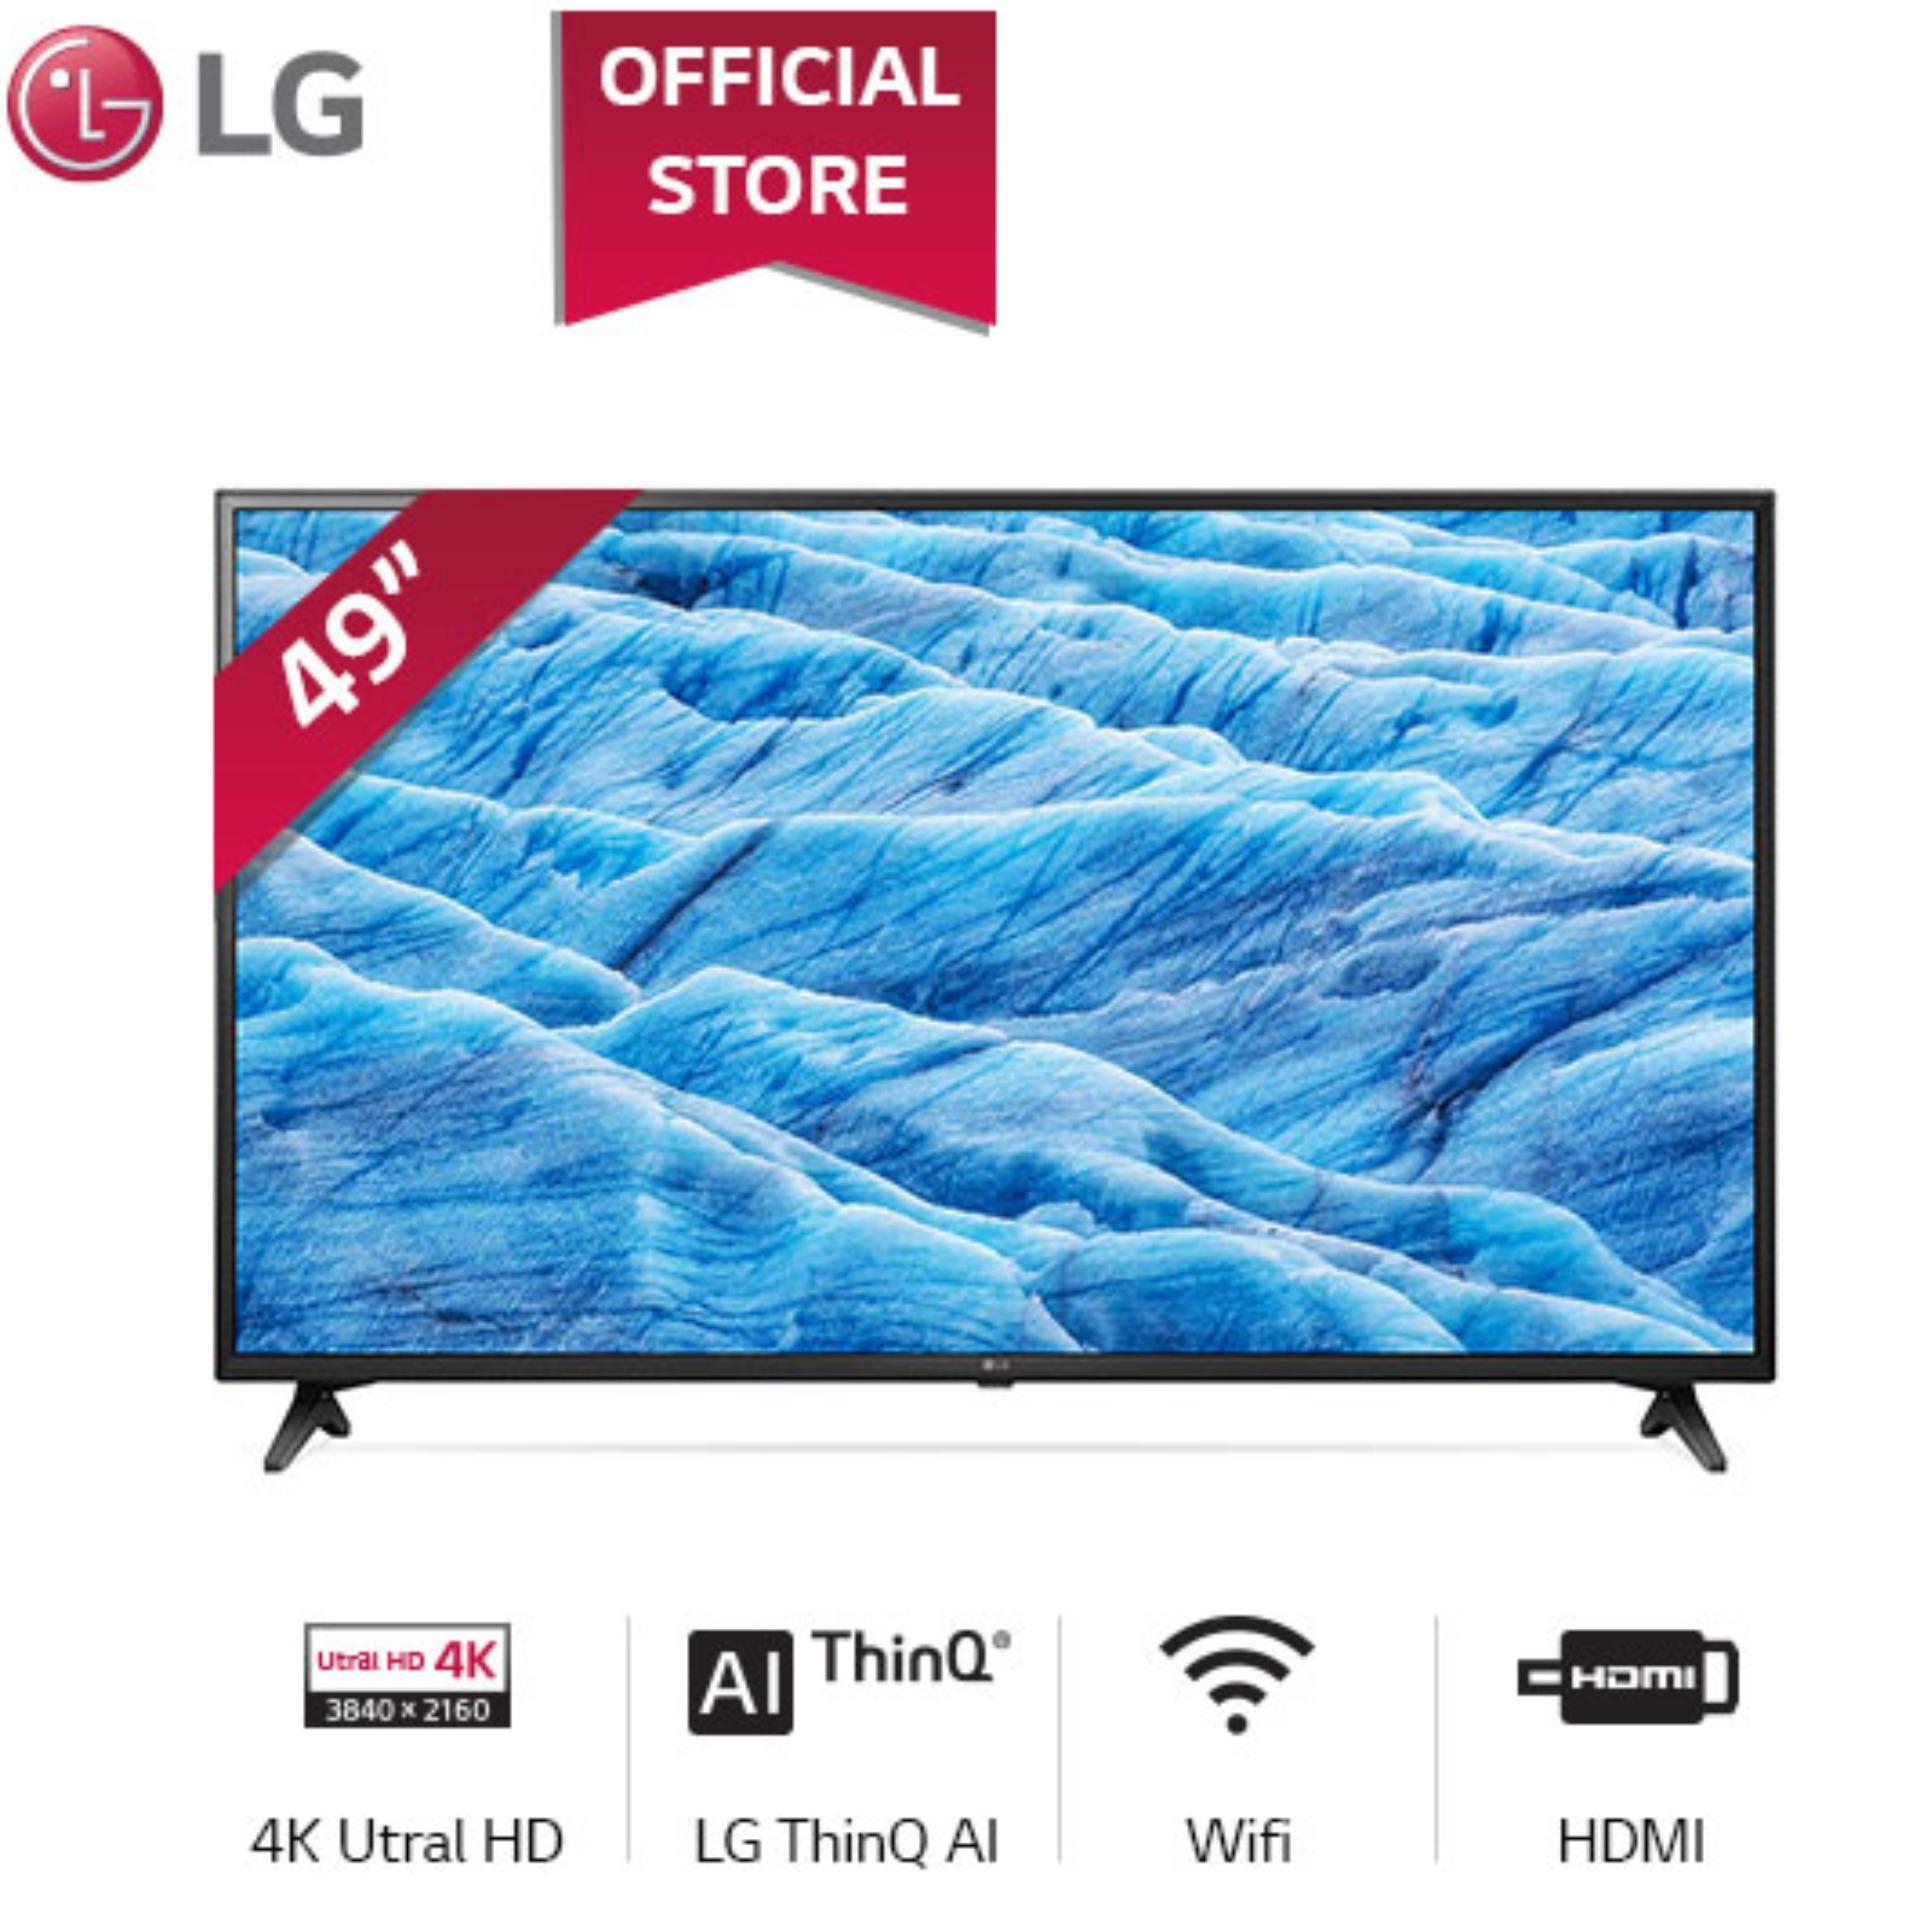 Smart TV LG 49inch 4K UHD - Model 49UM7100PTA (2019) độ phân giải 3840x2160, Hệ điều hành webOS smart TV,...